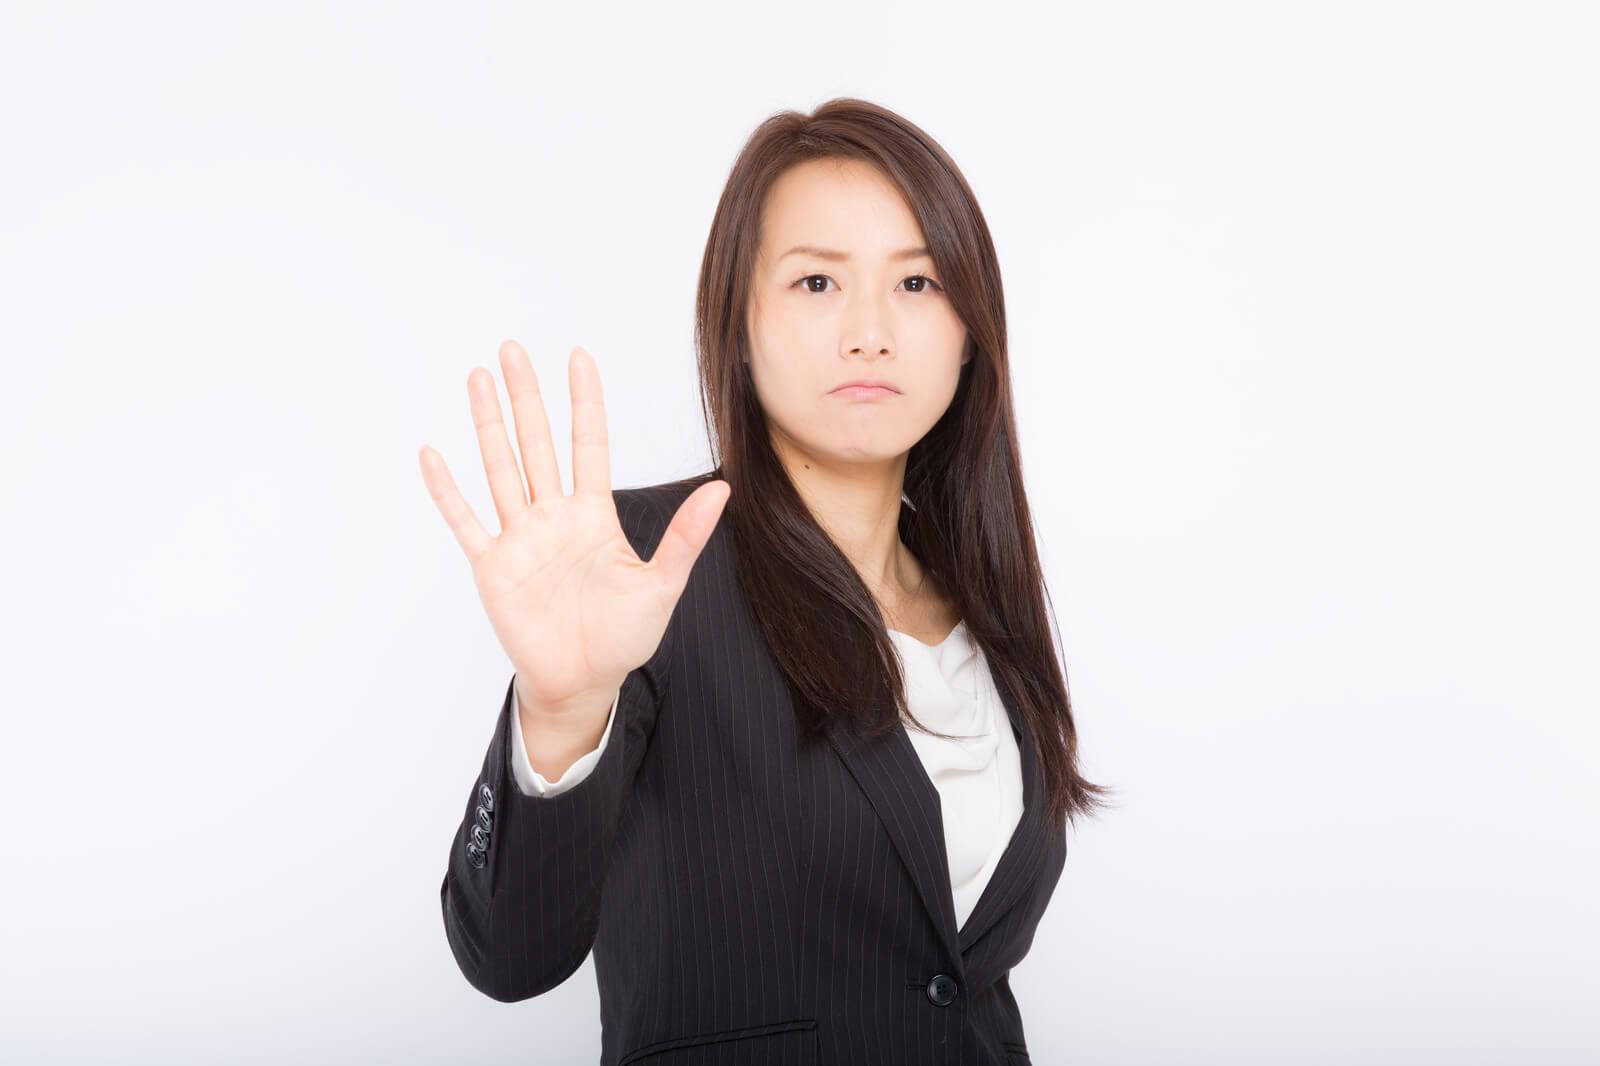 手を広げるスーツ姿の女性